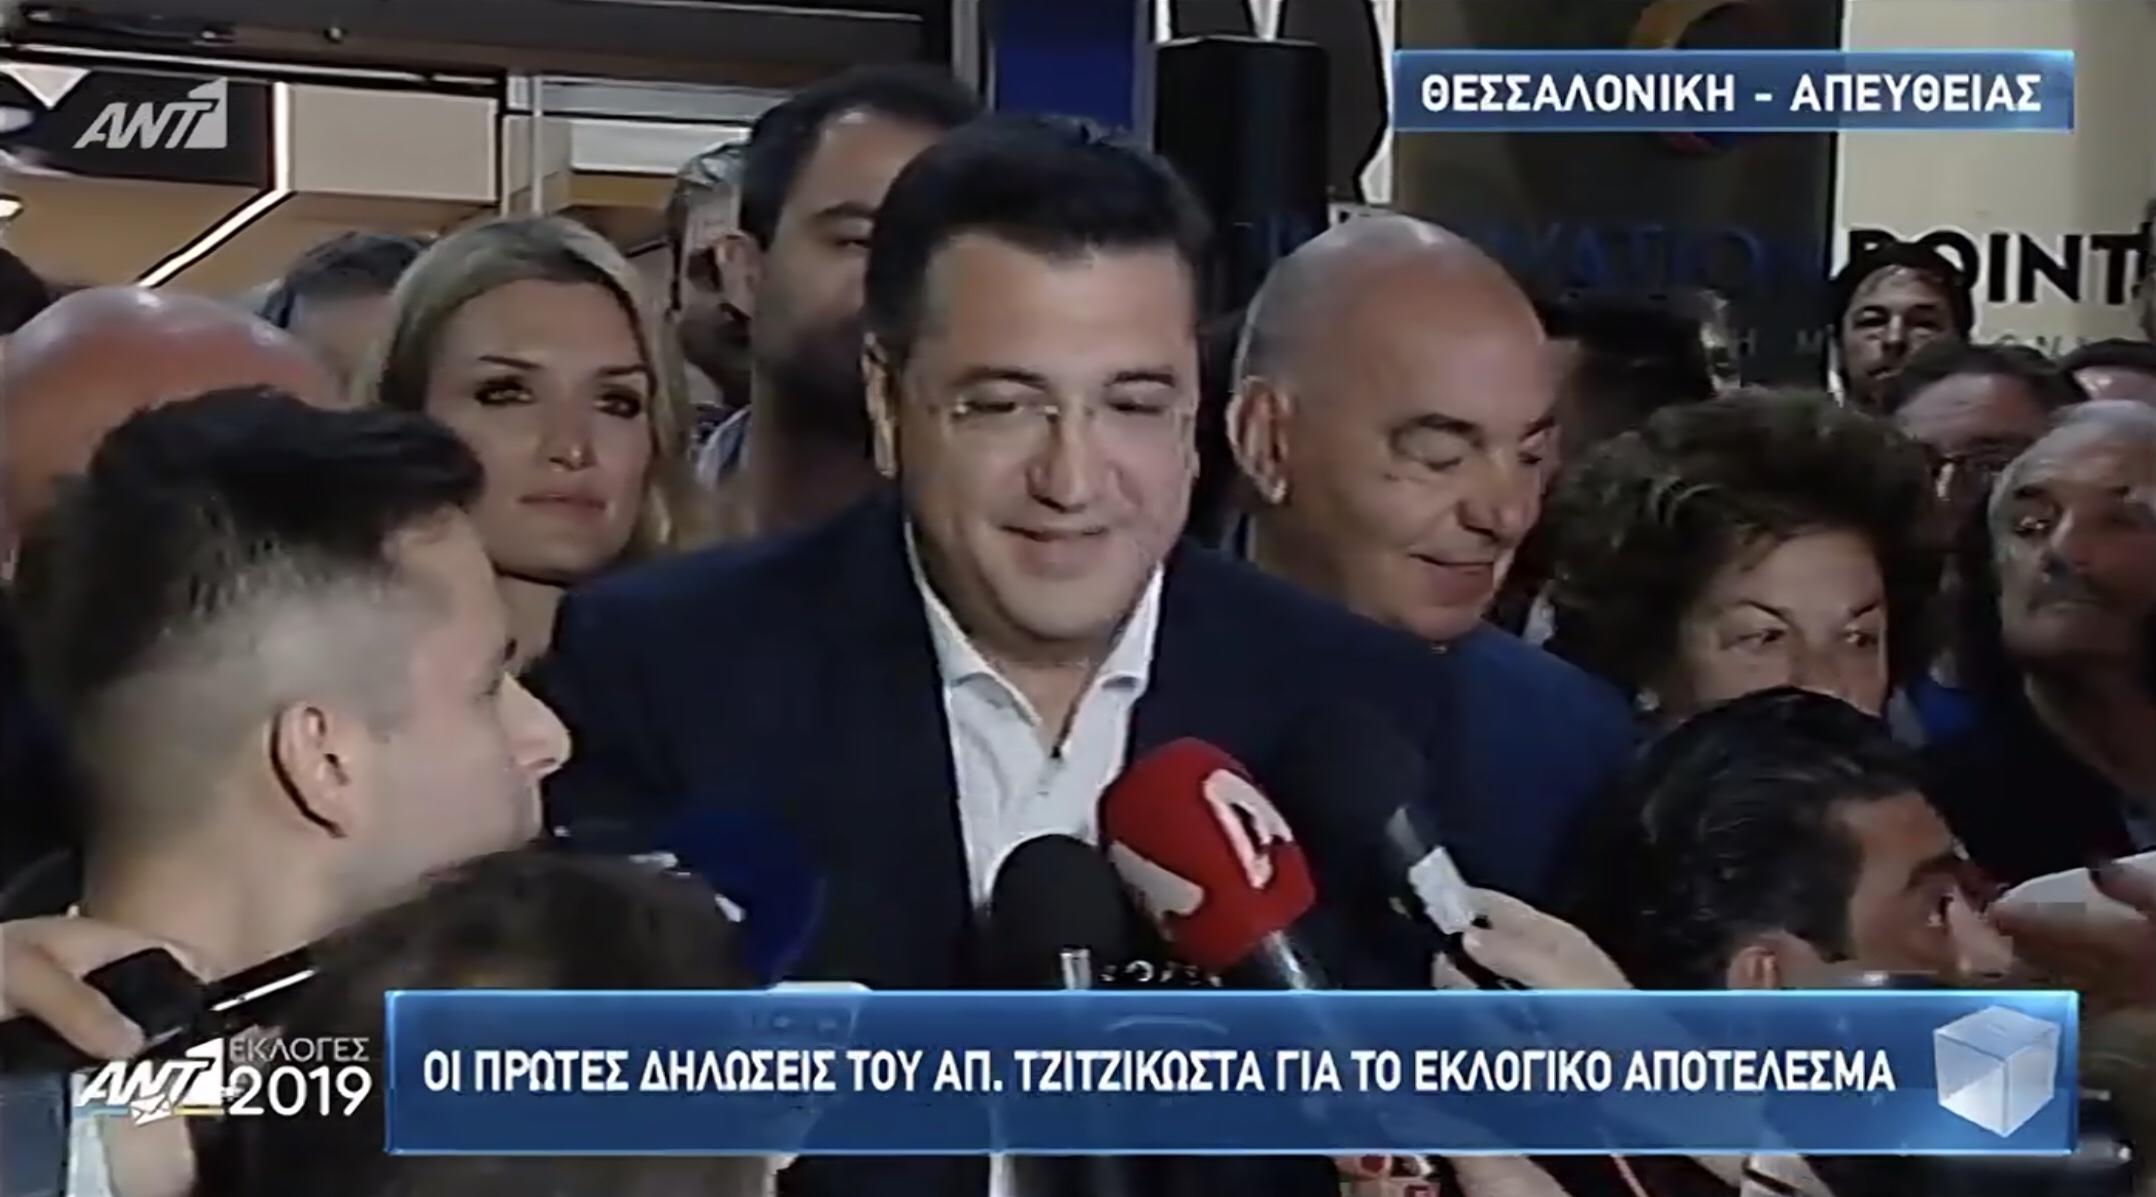 Σαρωτική νίκη του Αποστόλου Τζιτζικώστα στην κεντρική Μακεδονία!